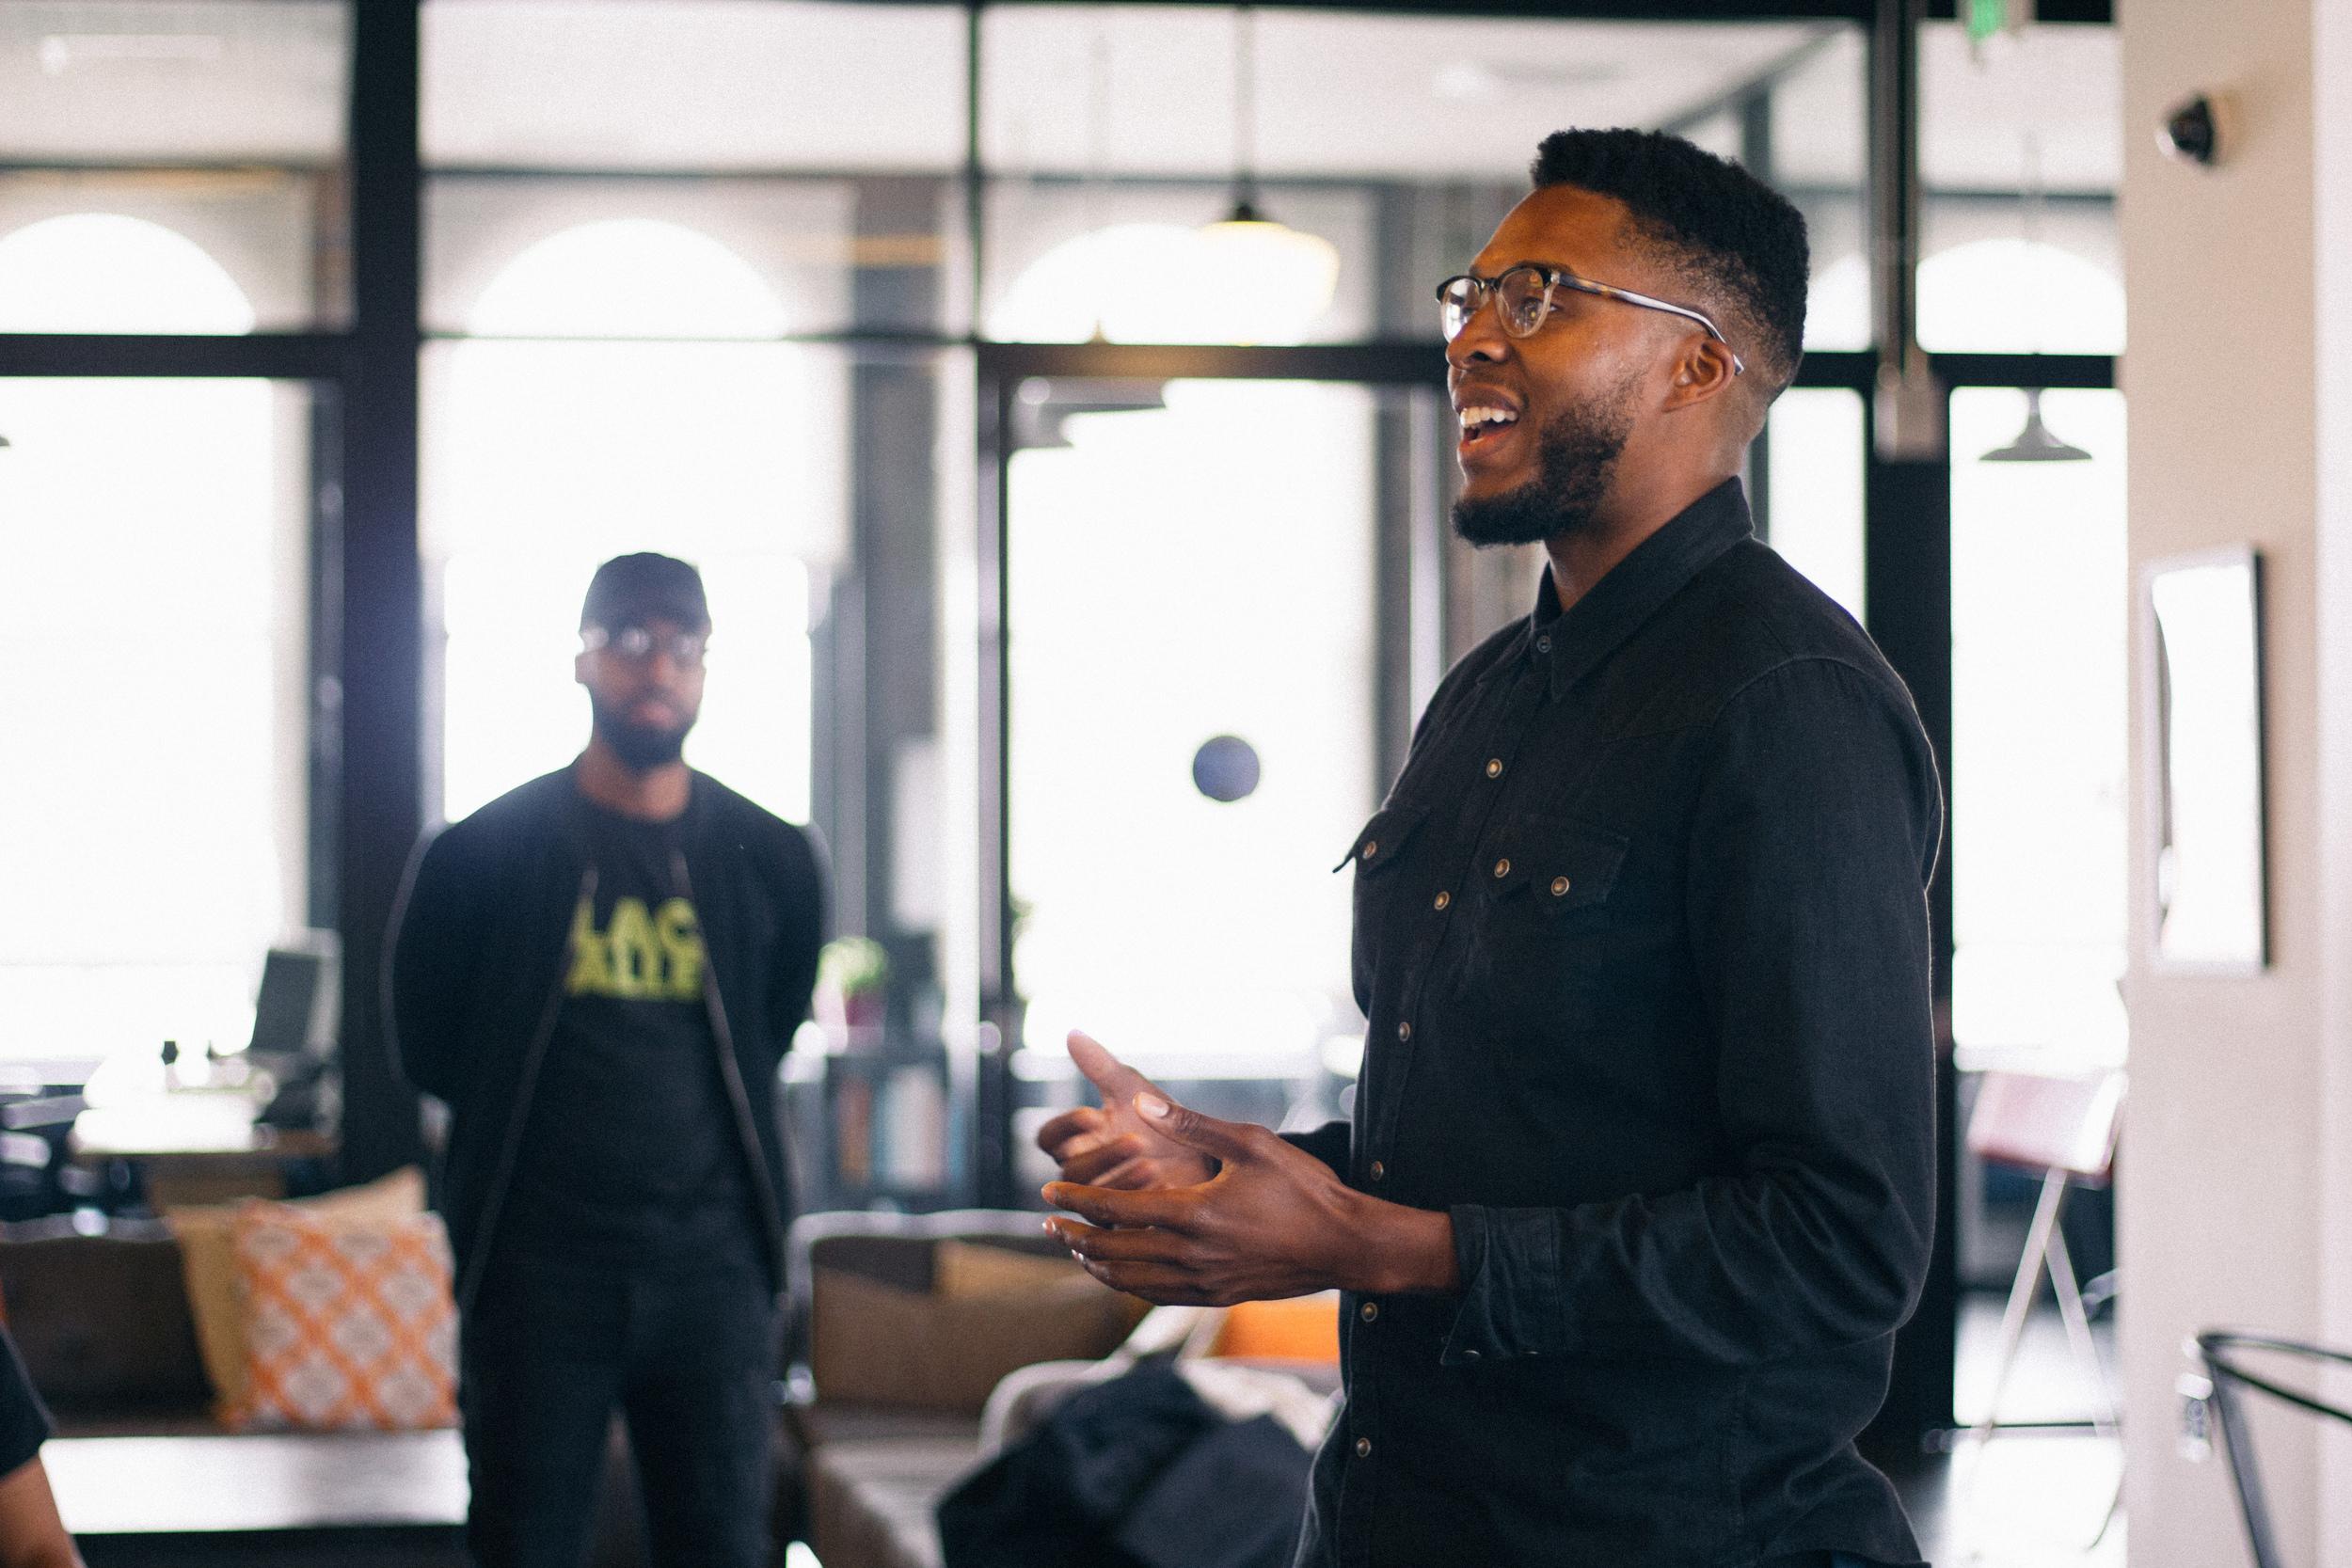 Anwar Bey-Taylor - Motivational speaker and CEO of Mind Traveler Design